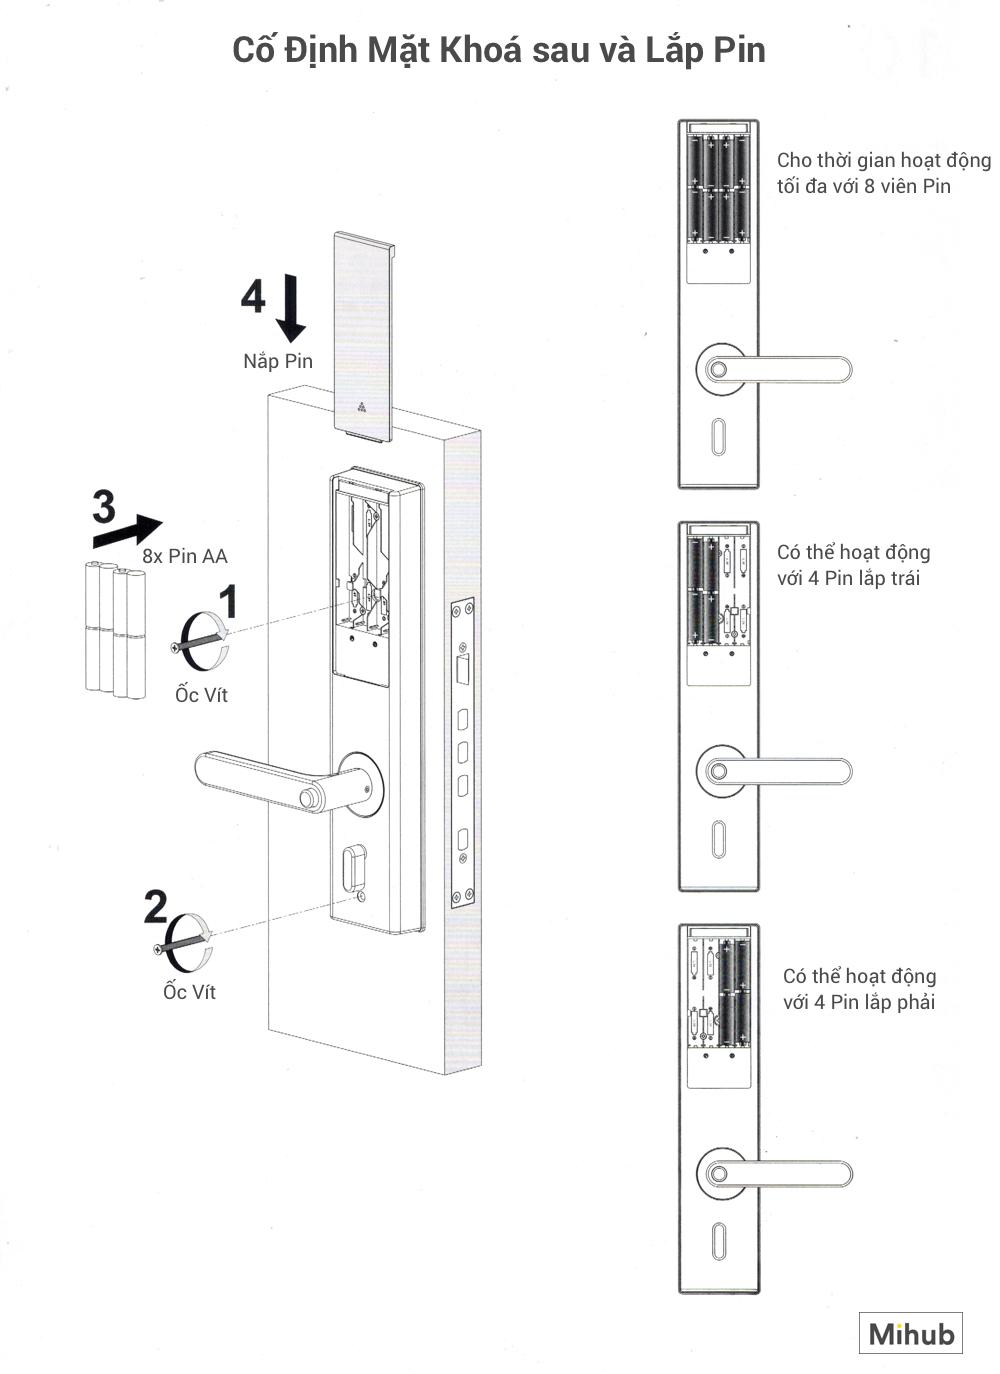 Khoá Thông Minh Xiaomi Loock Classic chất lượng cao